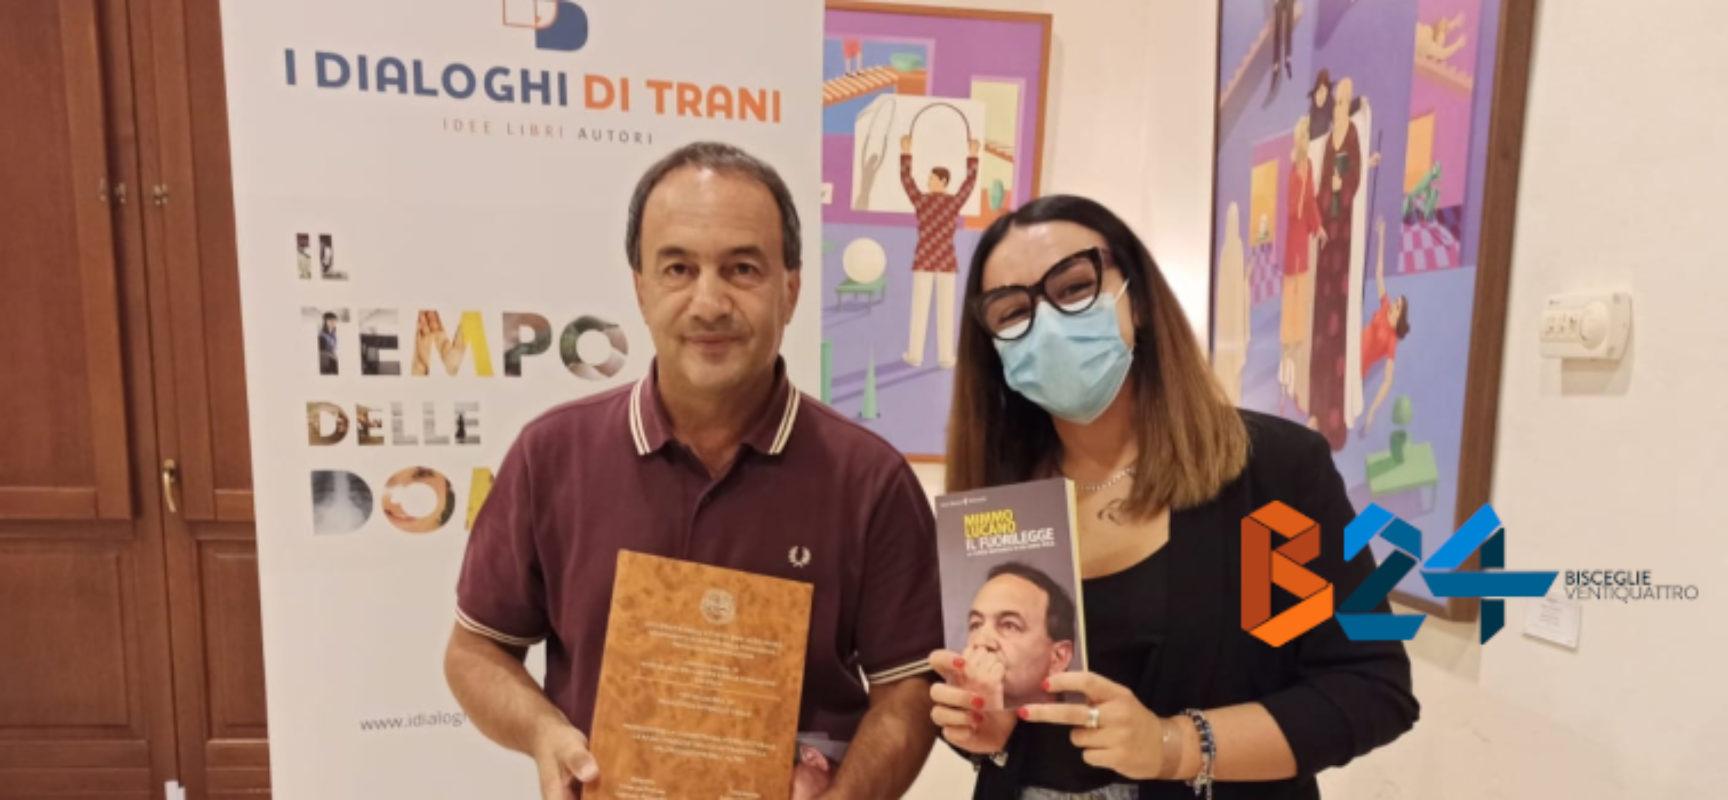 Studentessa biscegliese redige tesi su 'Modello Riace' e la dona a Mimmo Lucano / FOTO